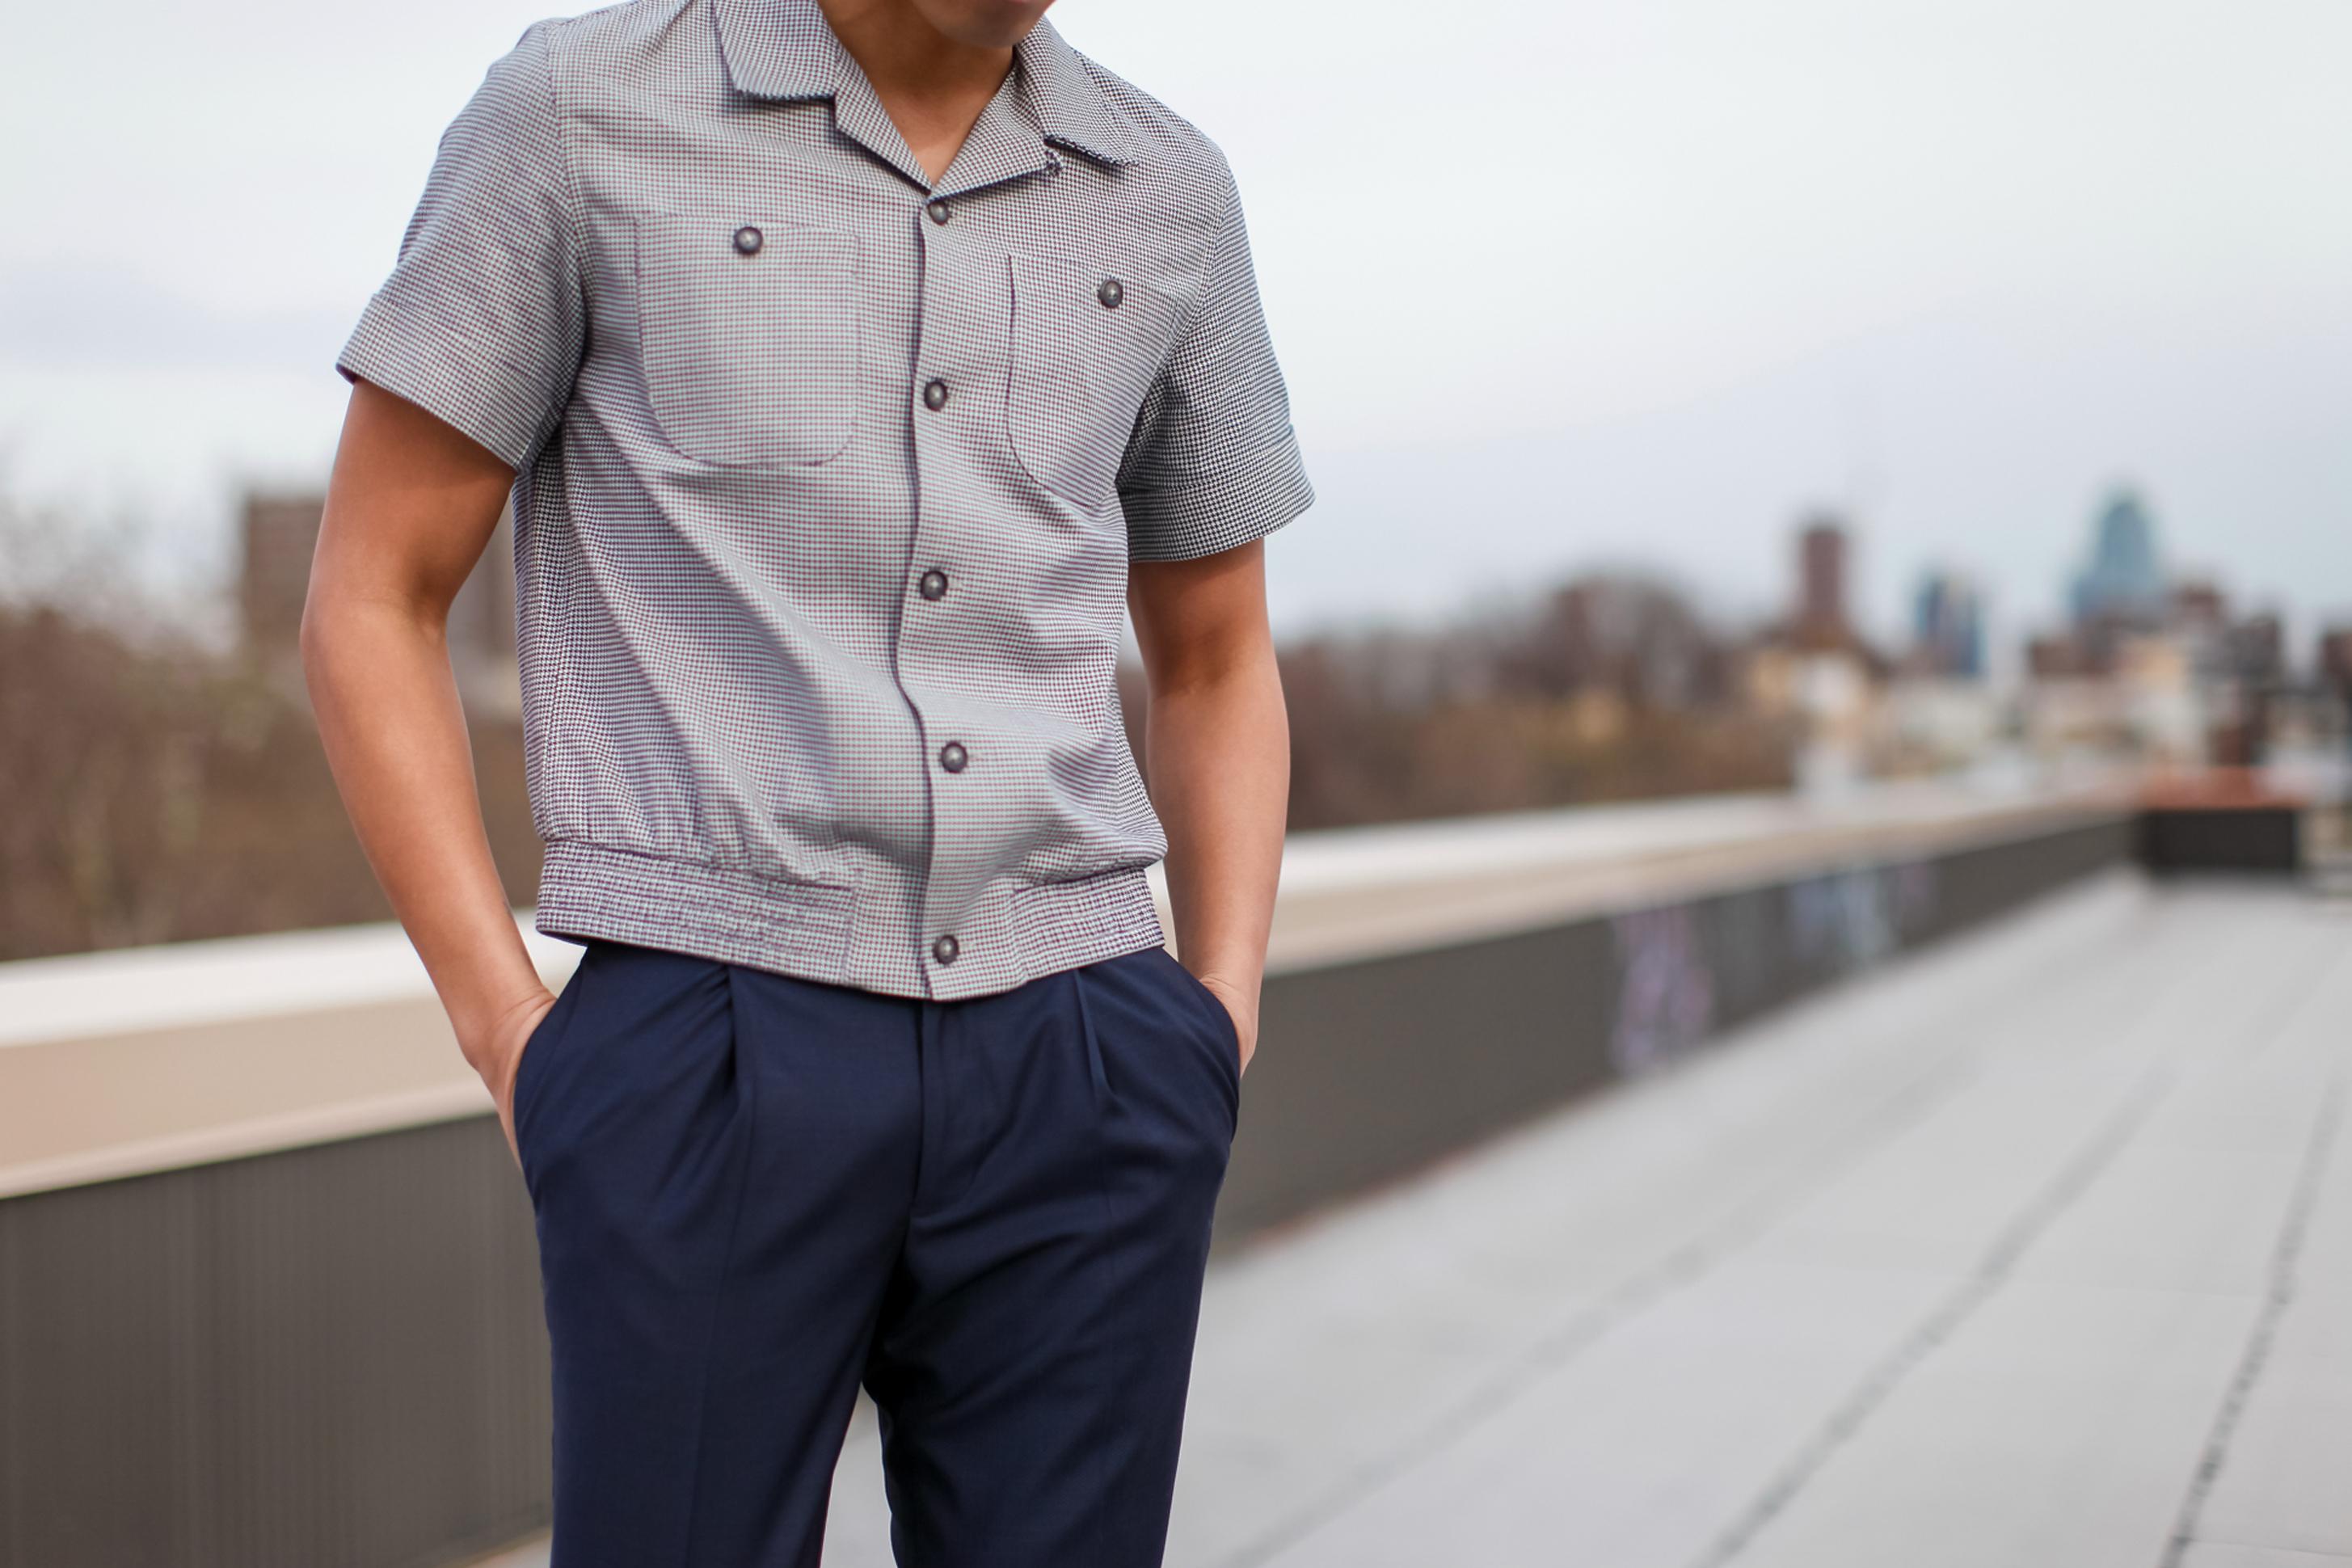 topman design revere collar shirt